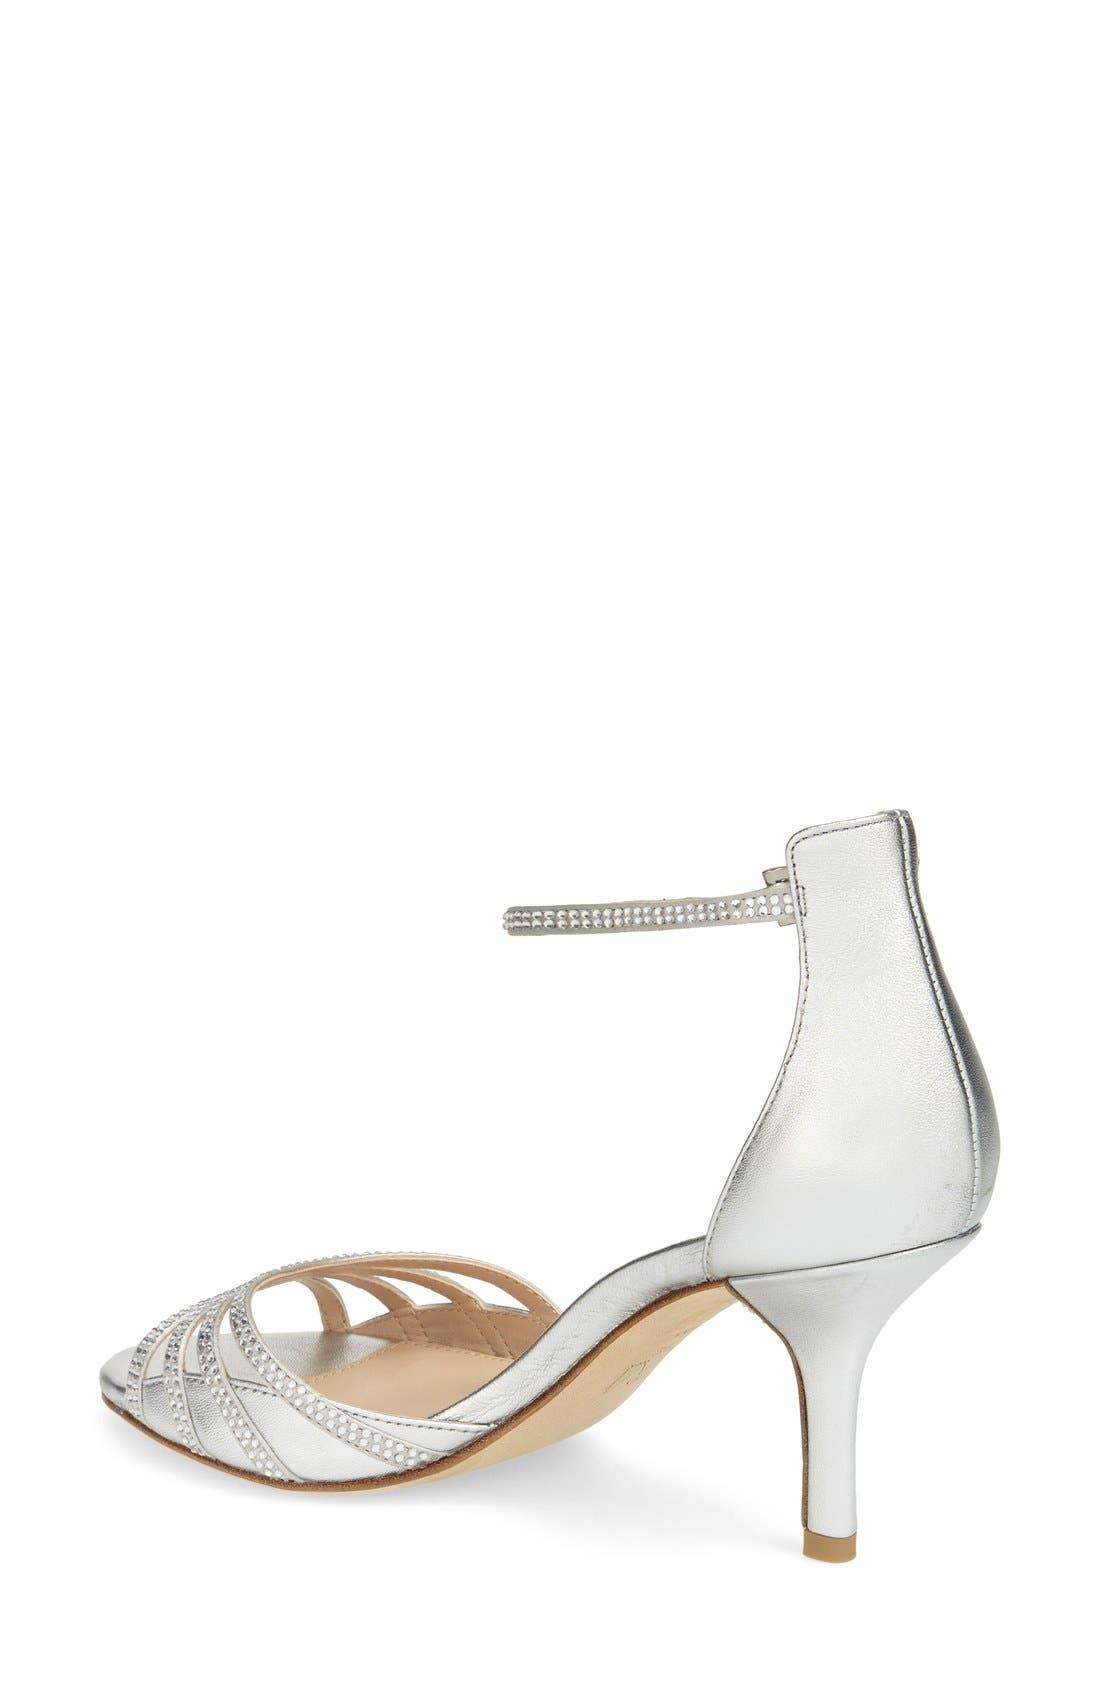 Alternate Image 2  - Pelle Moda 'Isabel' Crystal Embellished d'Orsay Sandal (Women)